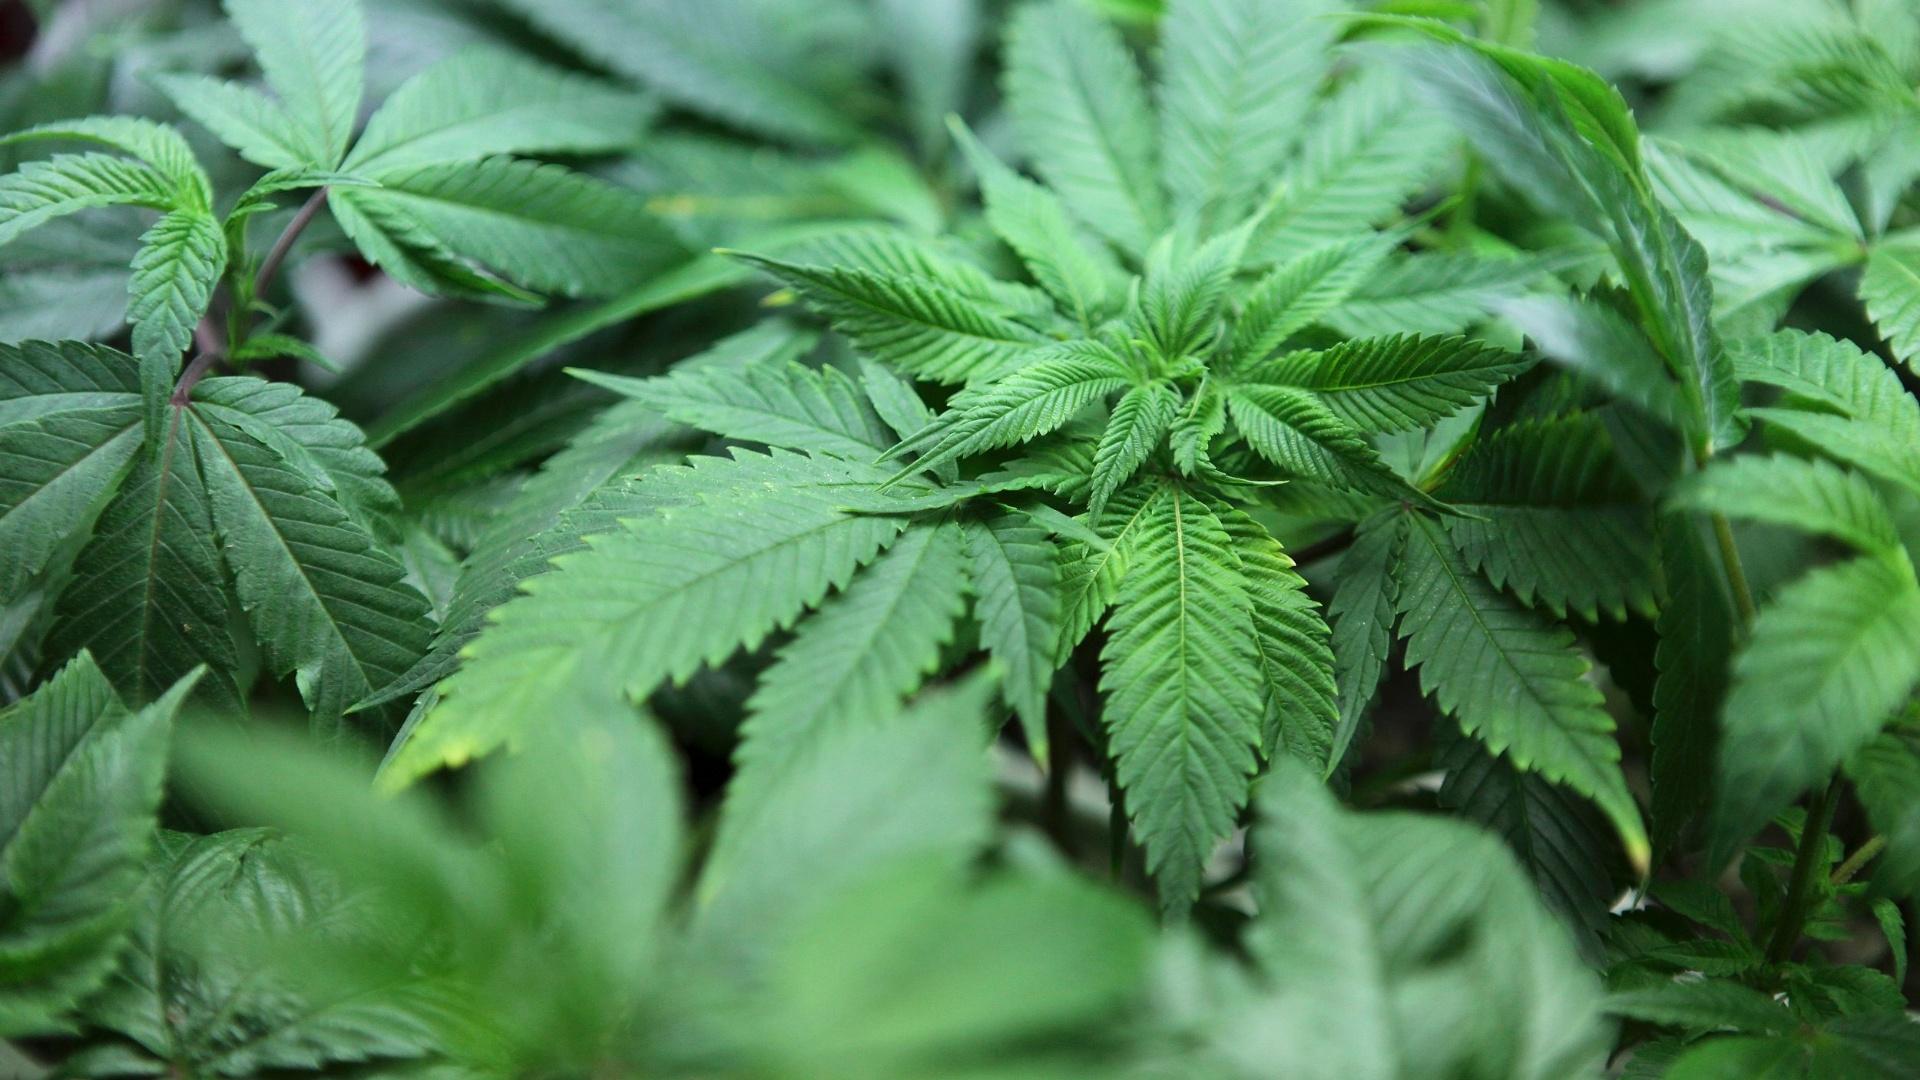 Procurador põe em dúvida tributação da maconha legalizada no Colorado -  Reuters - UOL Notícias